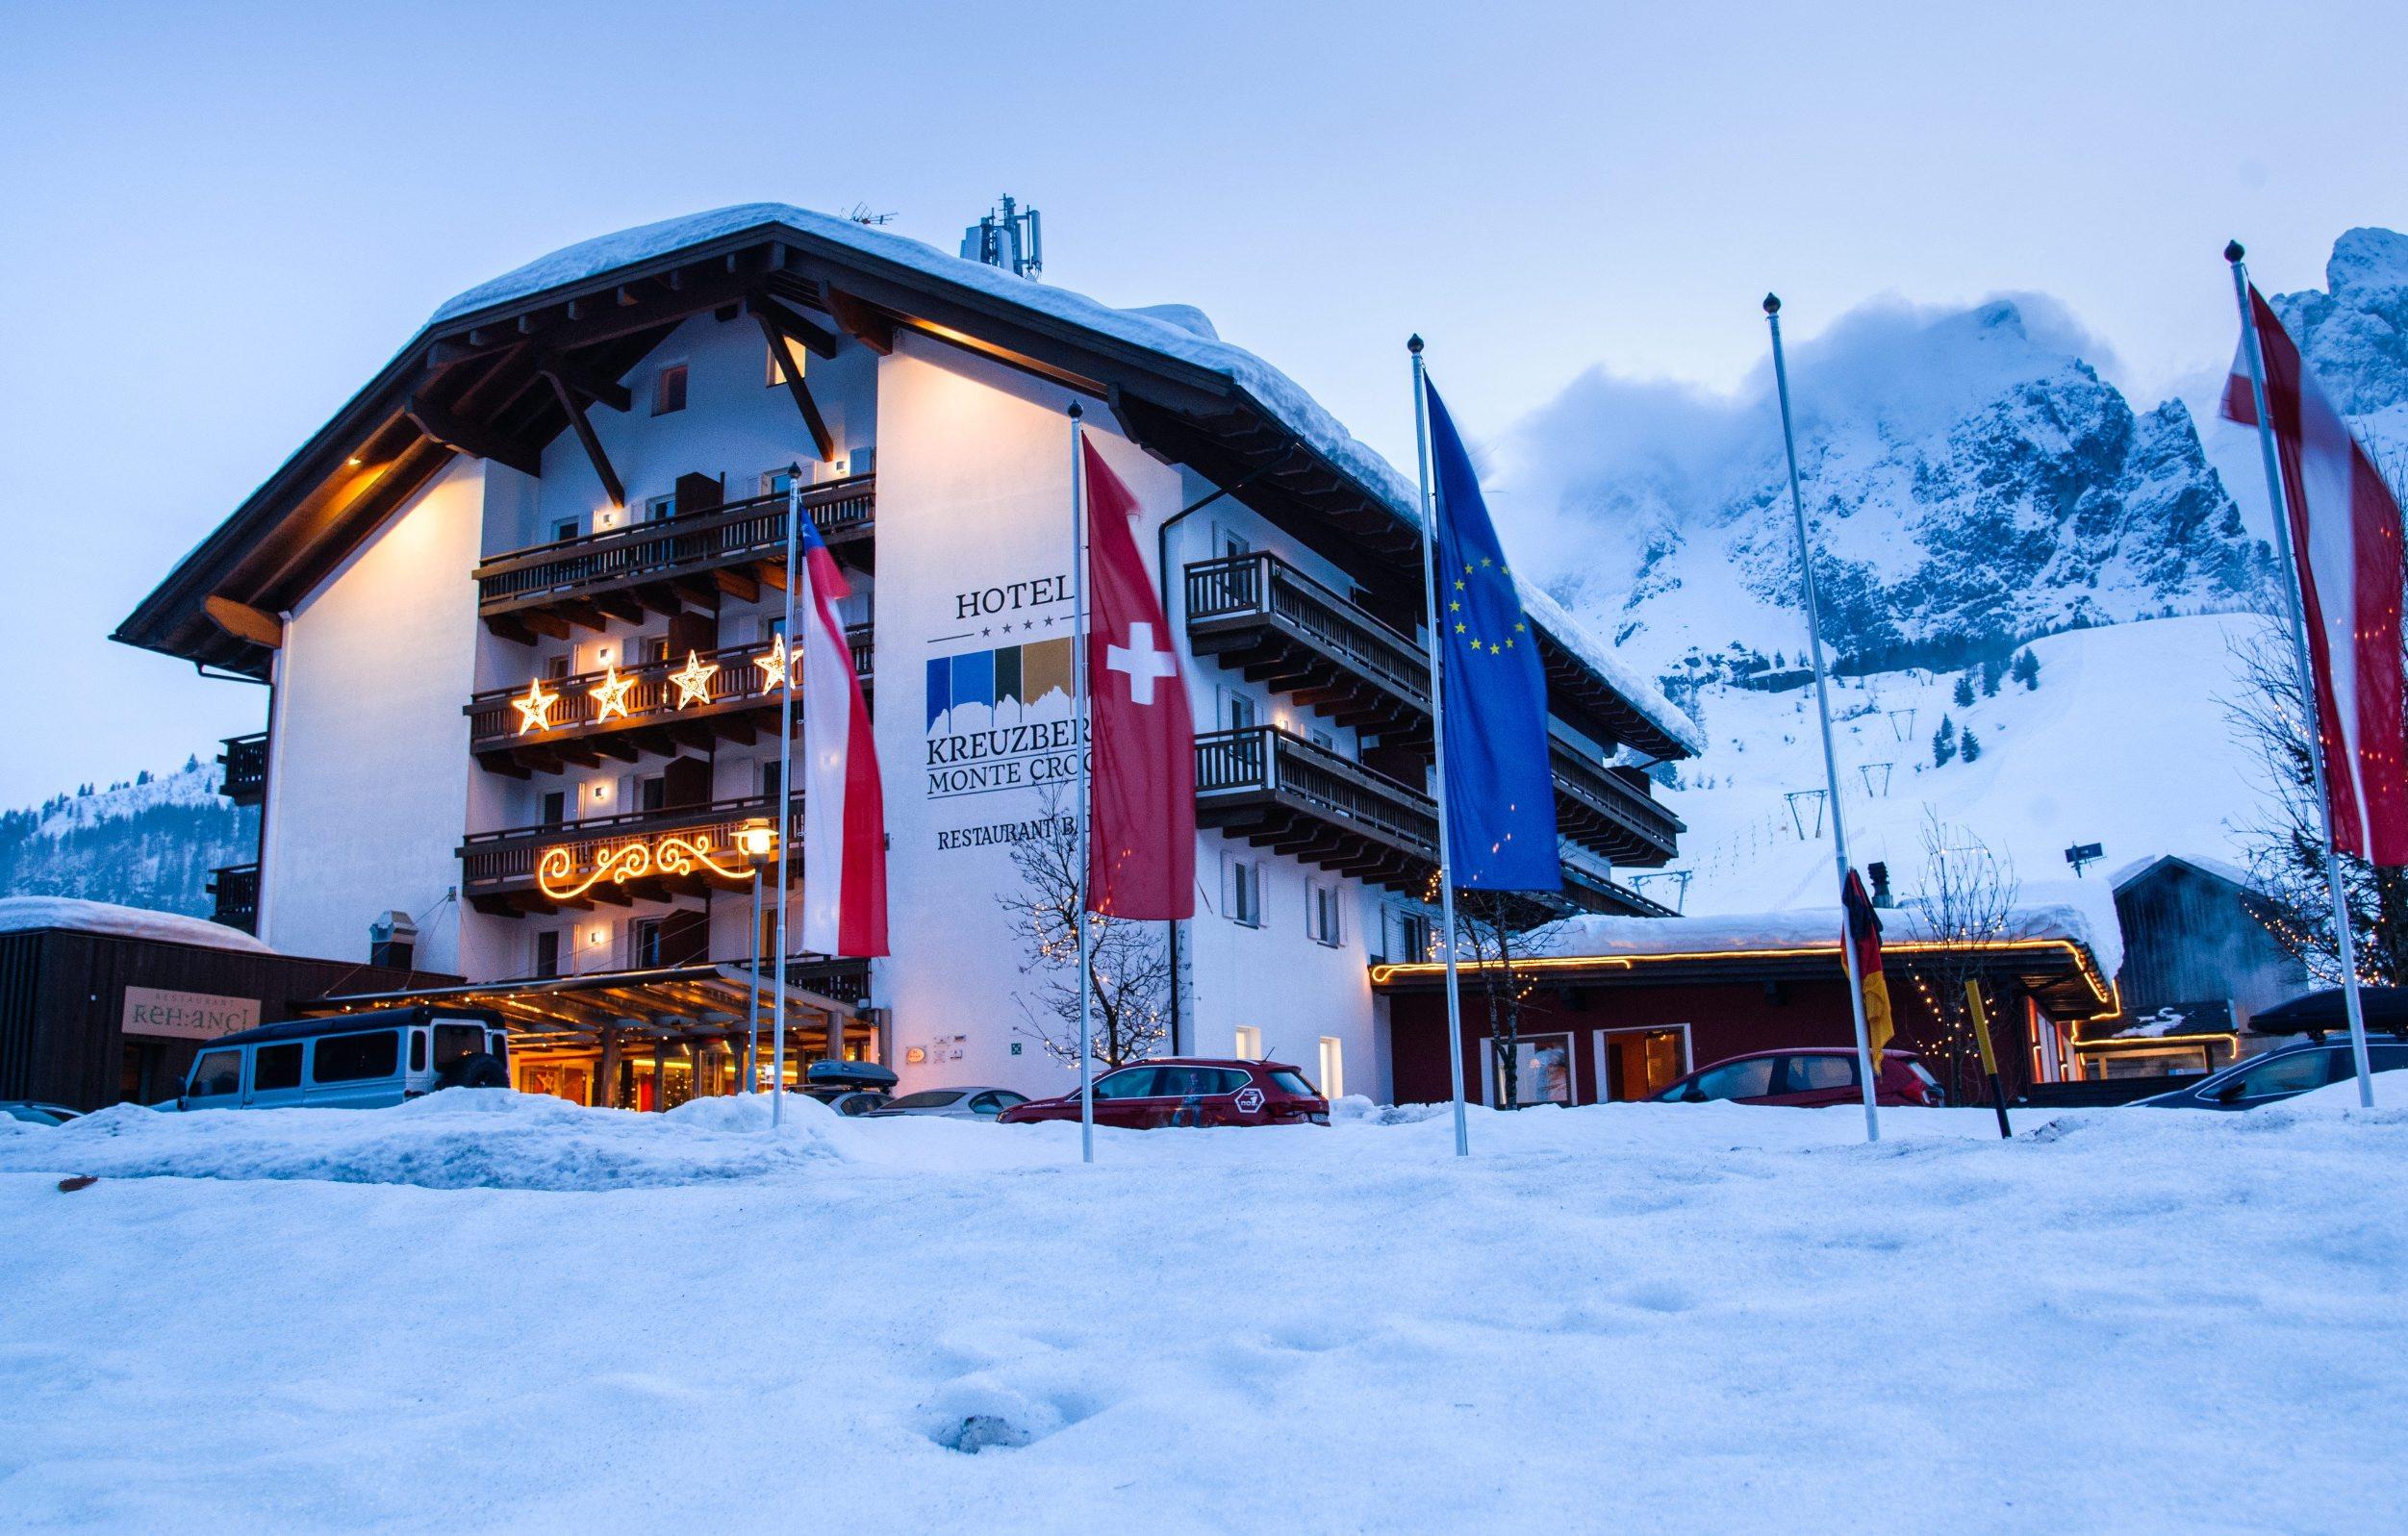 Sexten, Italija, 171219 Ski patrola Jutarnjeg lista. Skijaliste Sexten iz sustava Dolomiti Superski u juznom Tirolu sa 100 km povezanih staza. Na fotografiji: hotel Kreuzberg na prijevoju Monte Crocce Foto: Tom Dubravec/ CROPIX